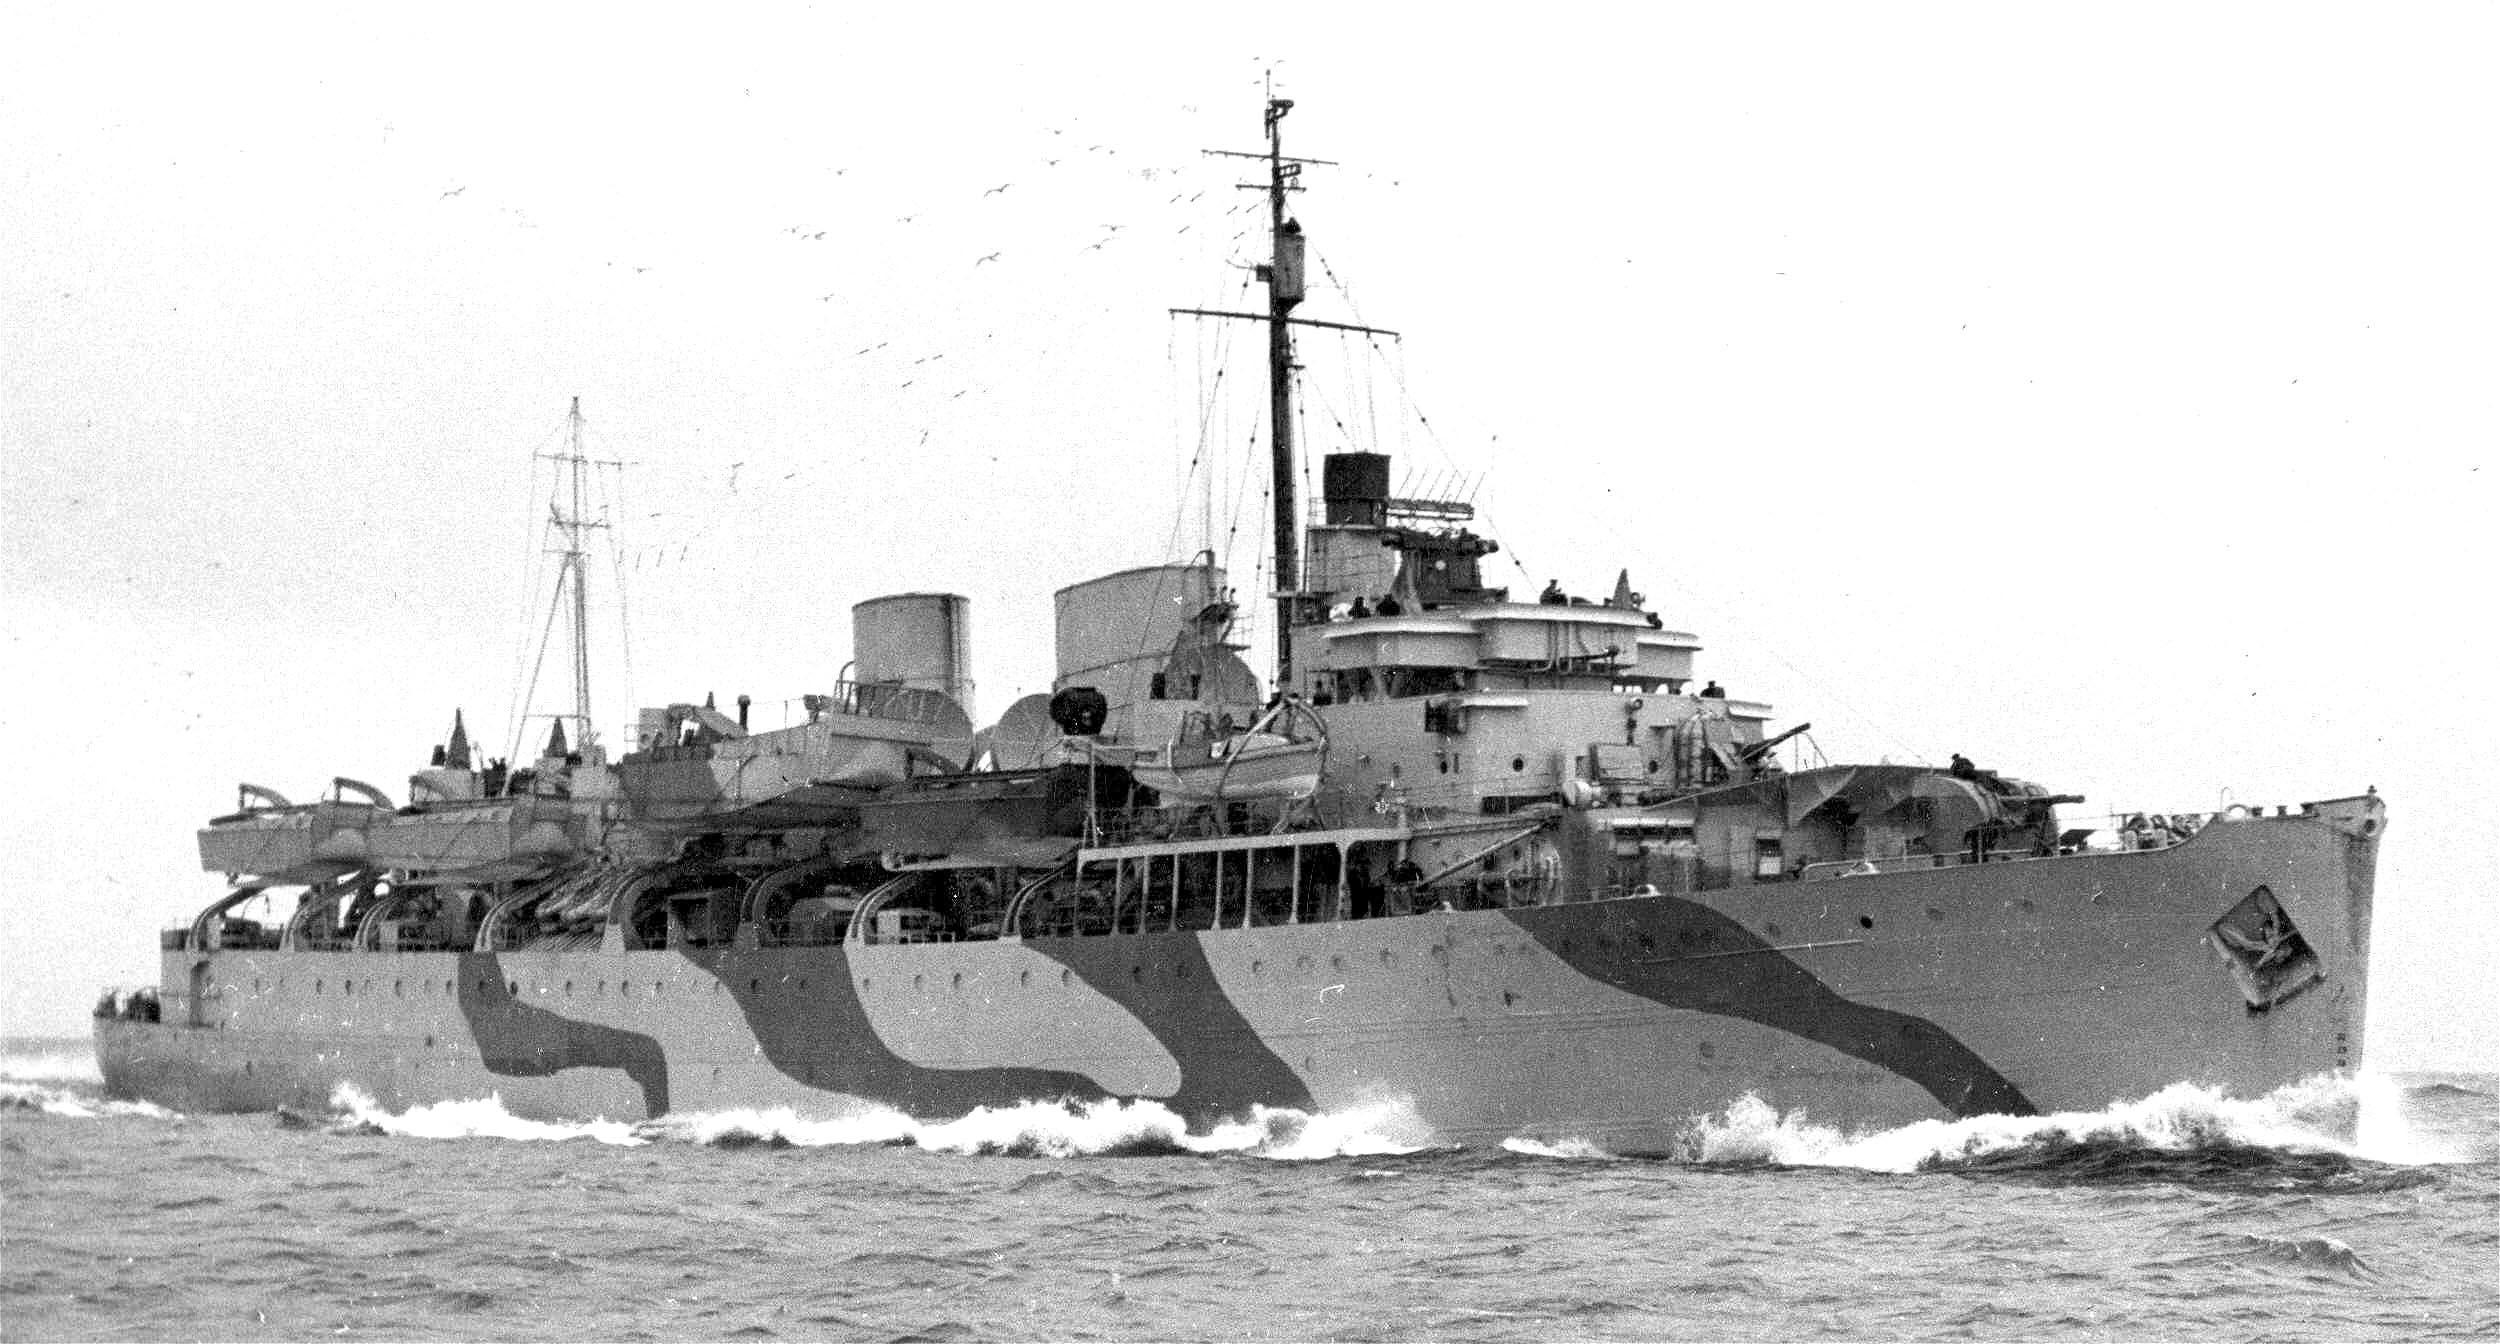 HMCS PRINCE HENRY